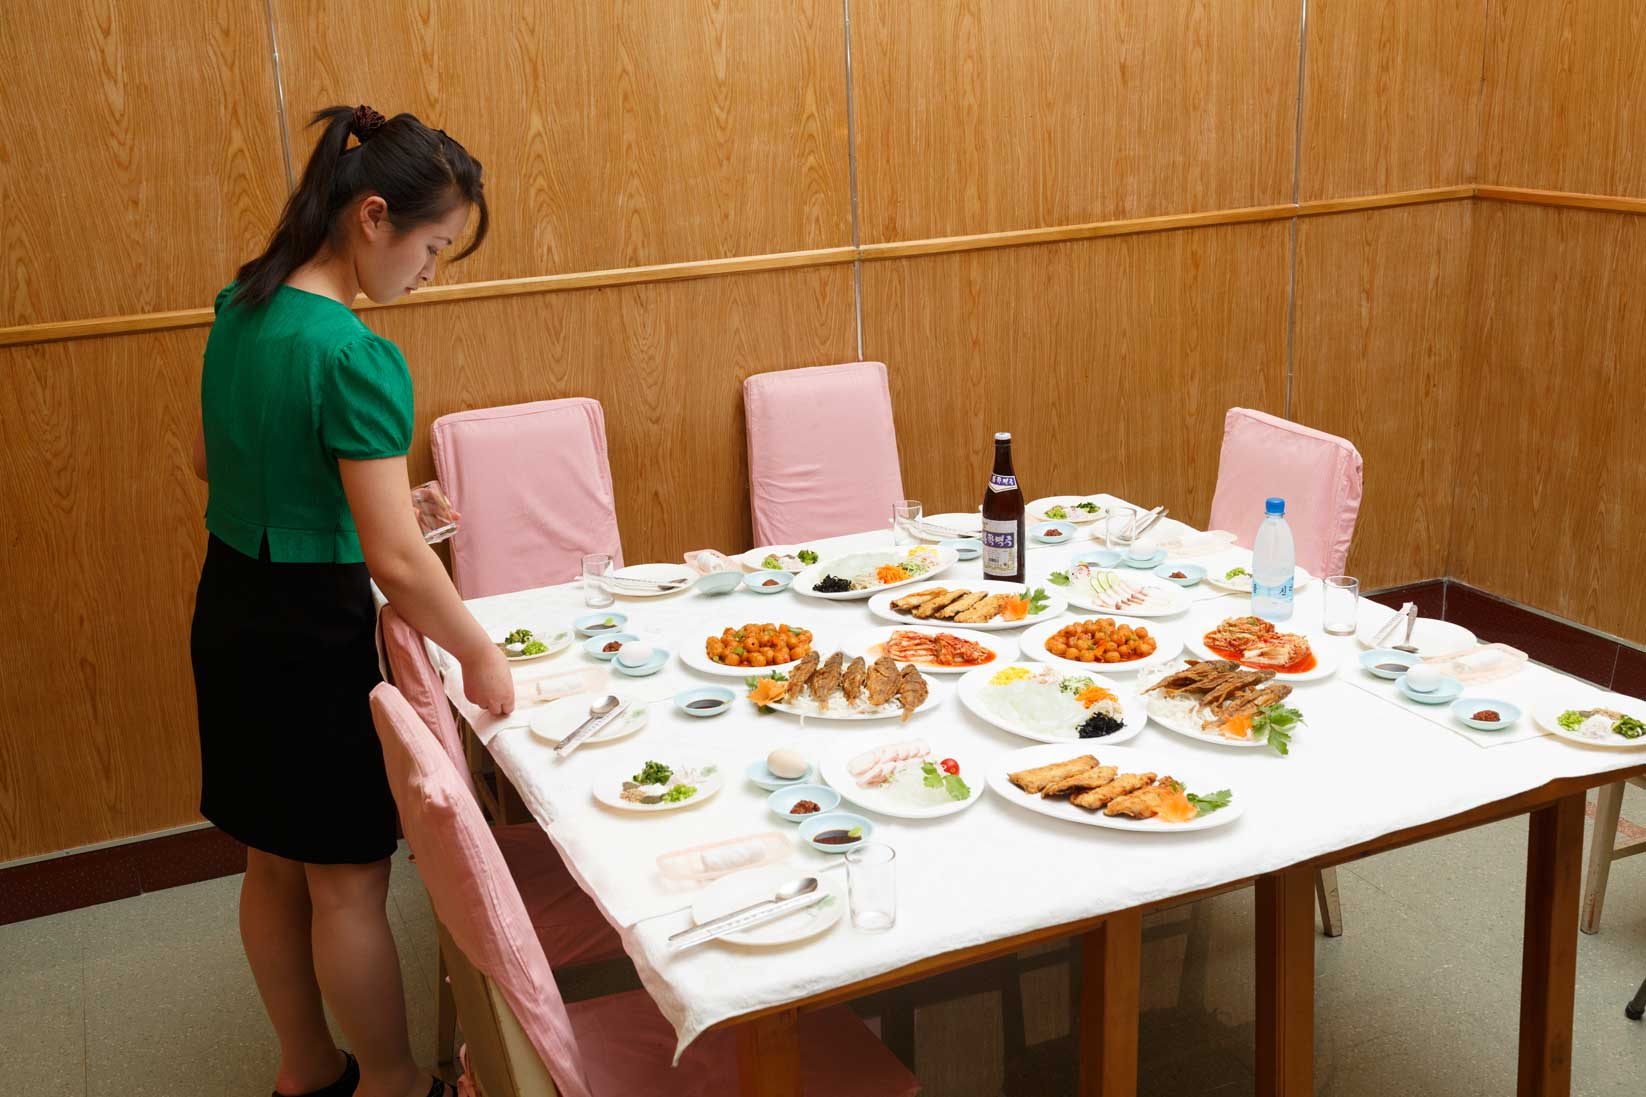 2014年版 北朝鮮のグルメ5泊6日のすべて【前編】_b0235153_1317898.jpg